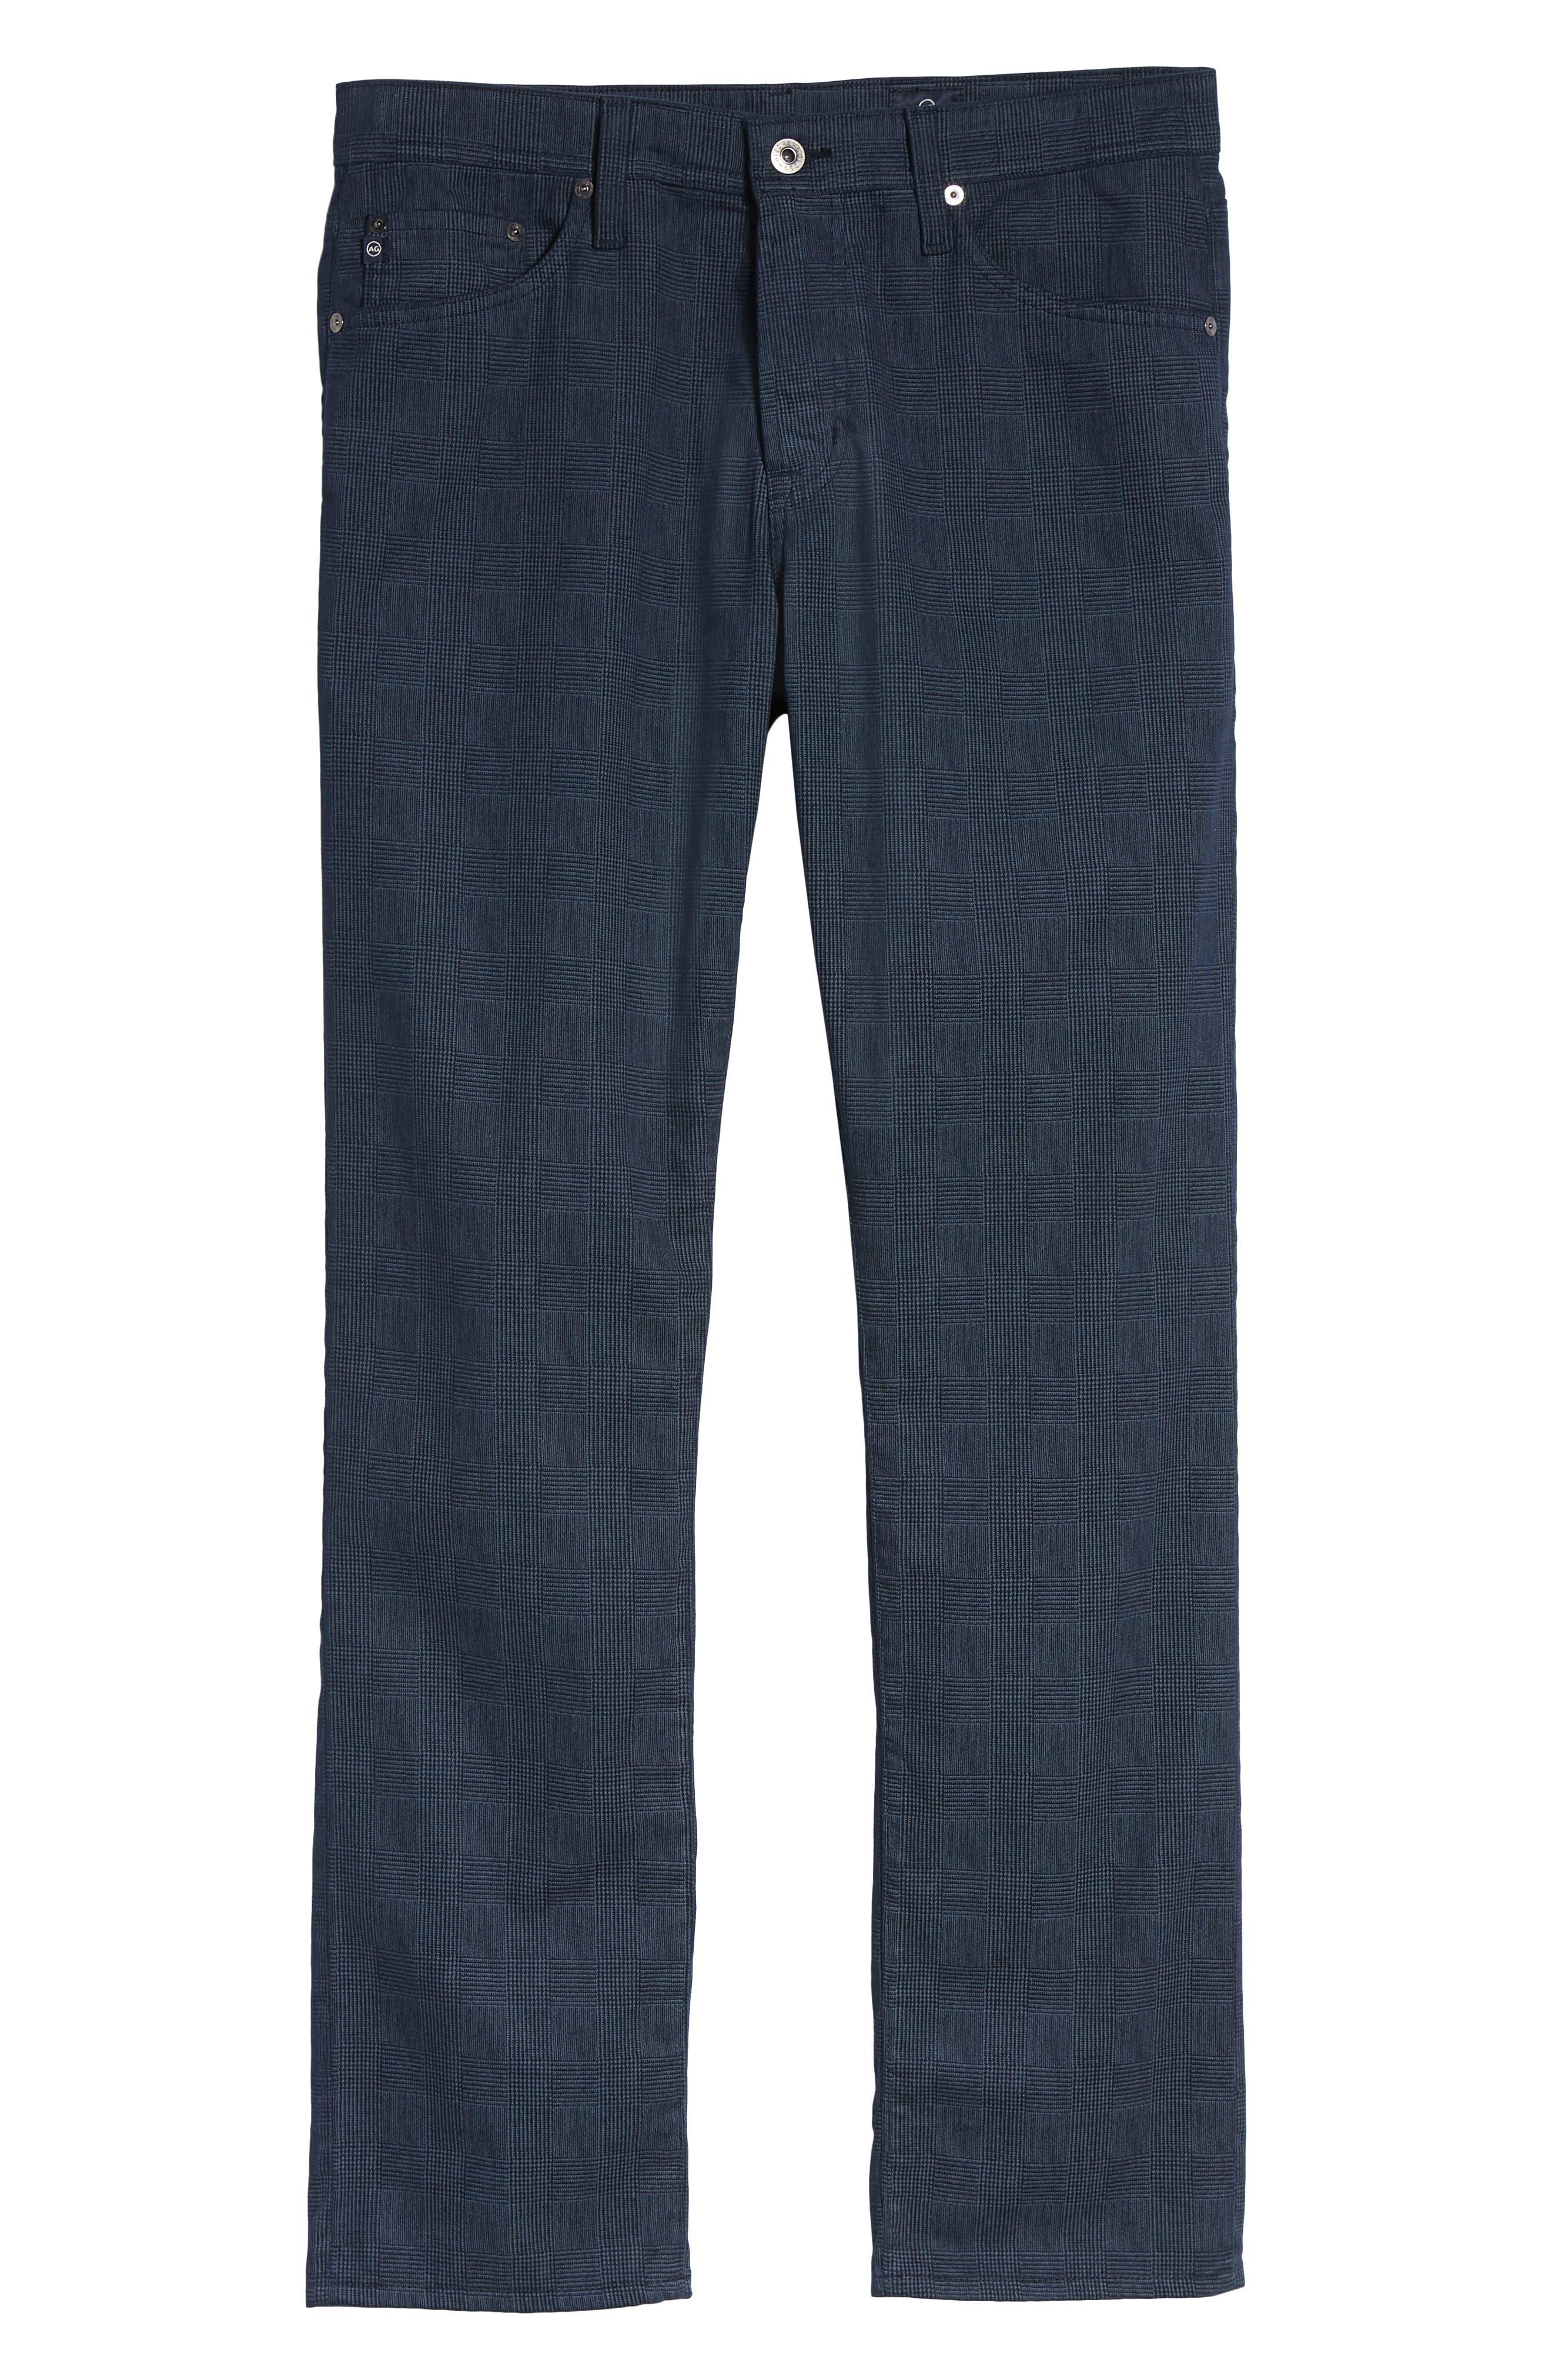 Herringbone Everett SUD Straight Leg Pants,                             Alternate thumbnail 6, color,                             Fine Plaid Blue Vault